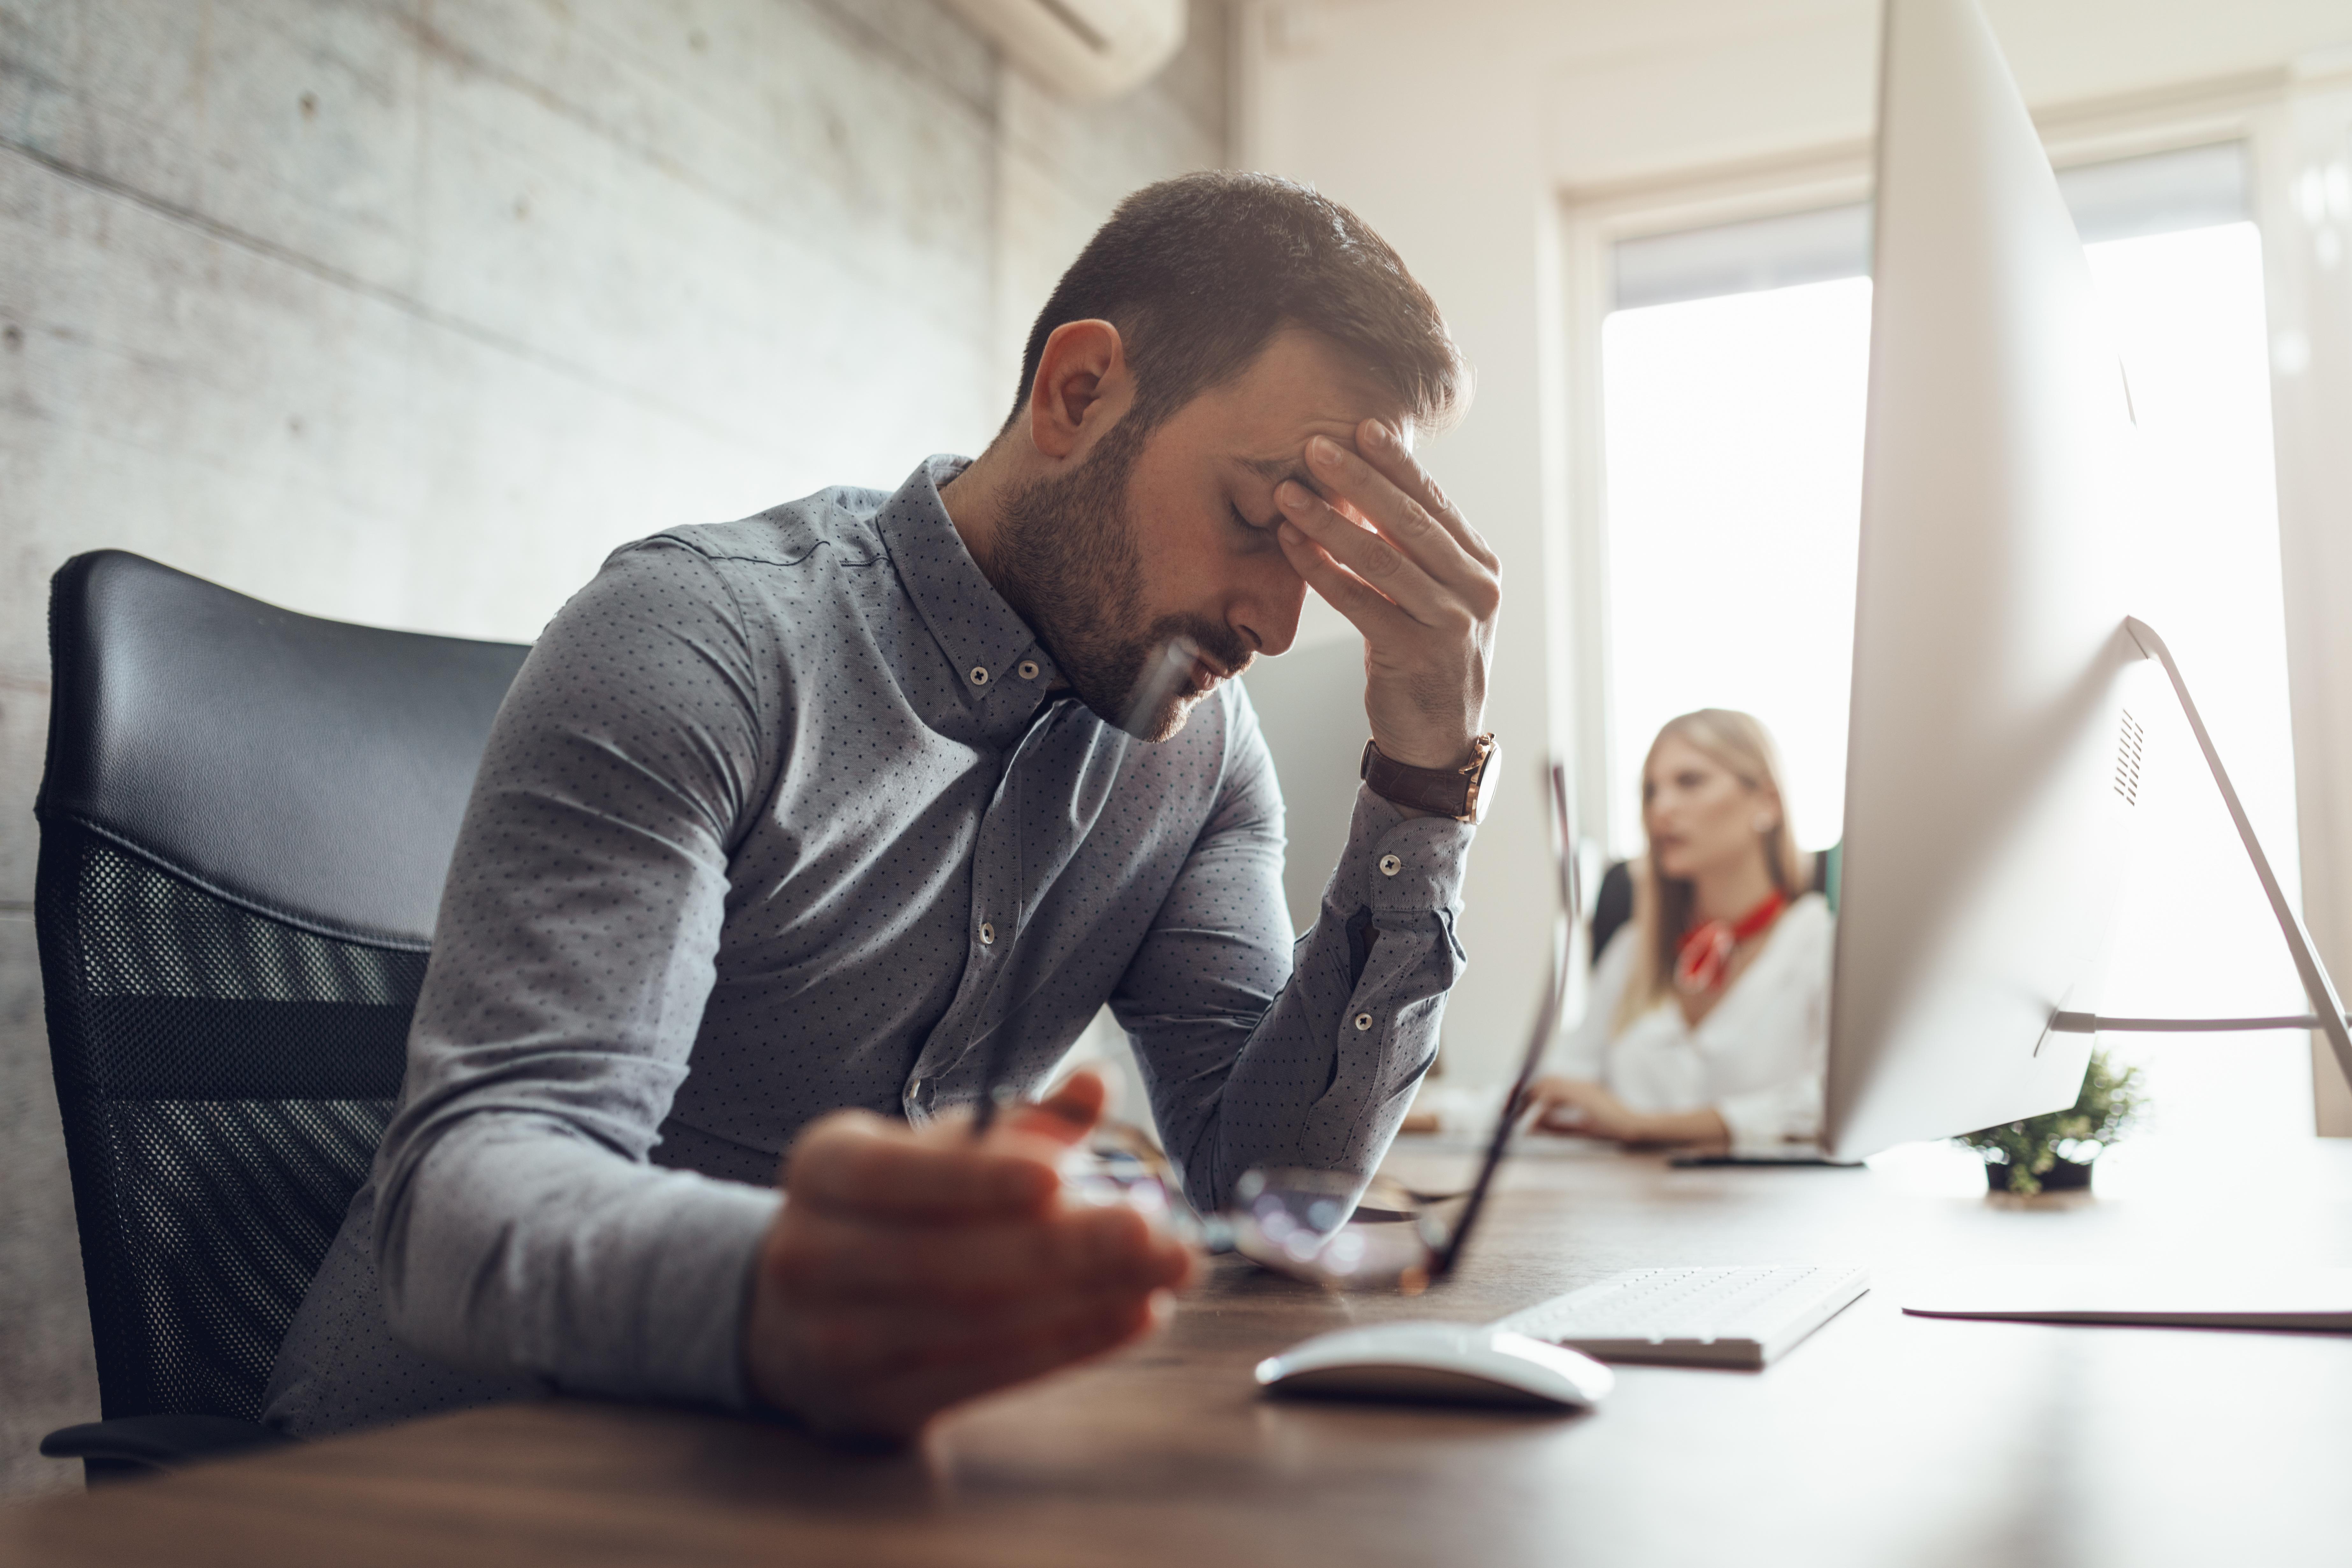 Mladý muž sa drží za bolestivé čelo v práci pred monitorom